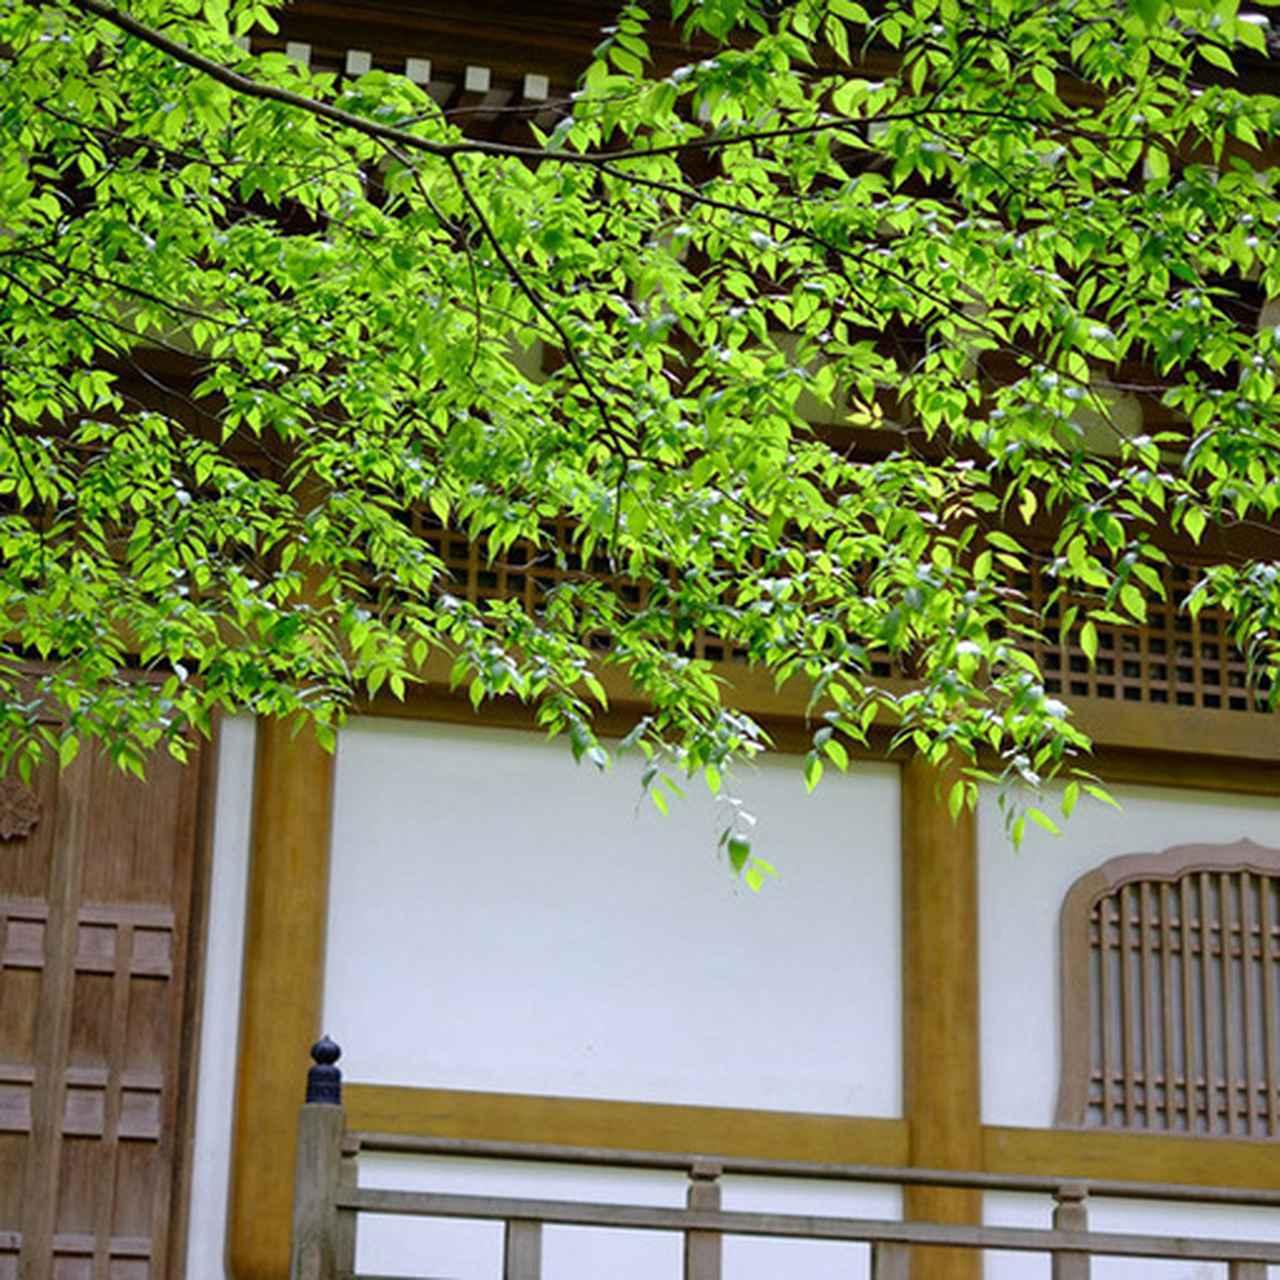 画像: 四季折々に美しい姿を見せてくれそうです。自然と建築物が溶けあう場所です。